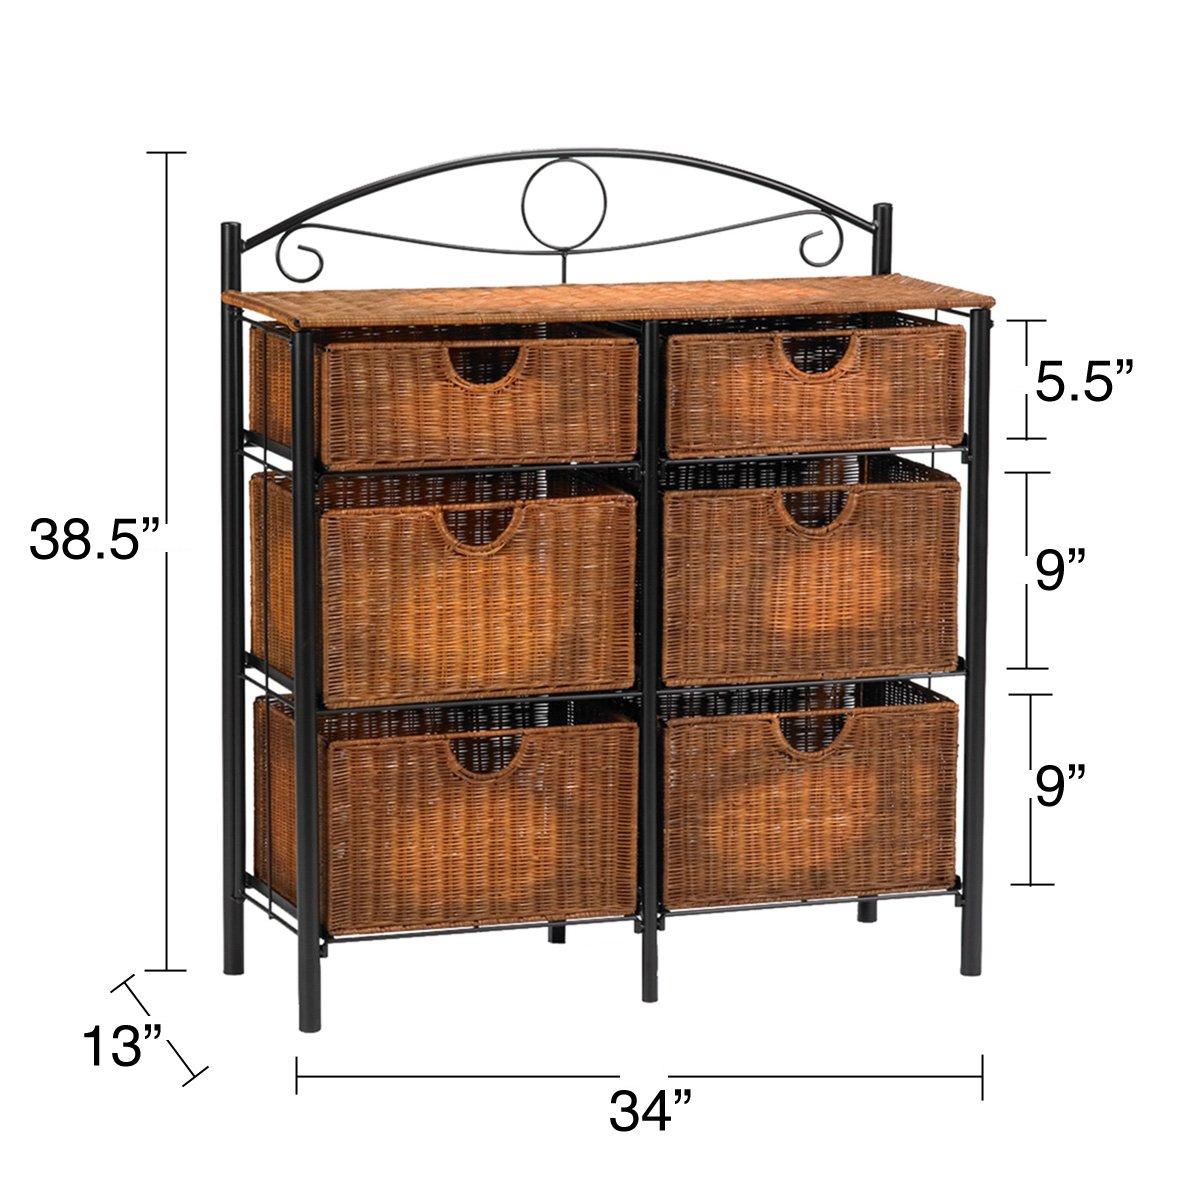 Harper Blvd Wicker 6-drawer Storage Chest by Harper Blvd